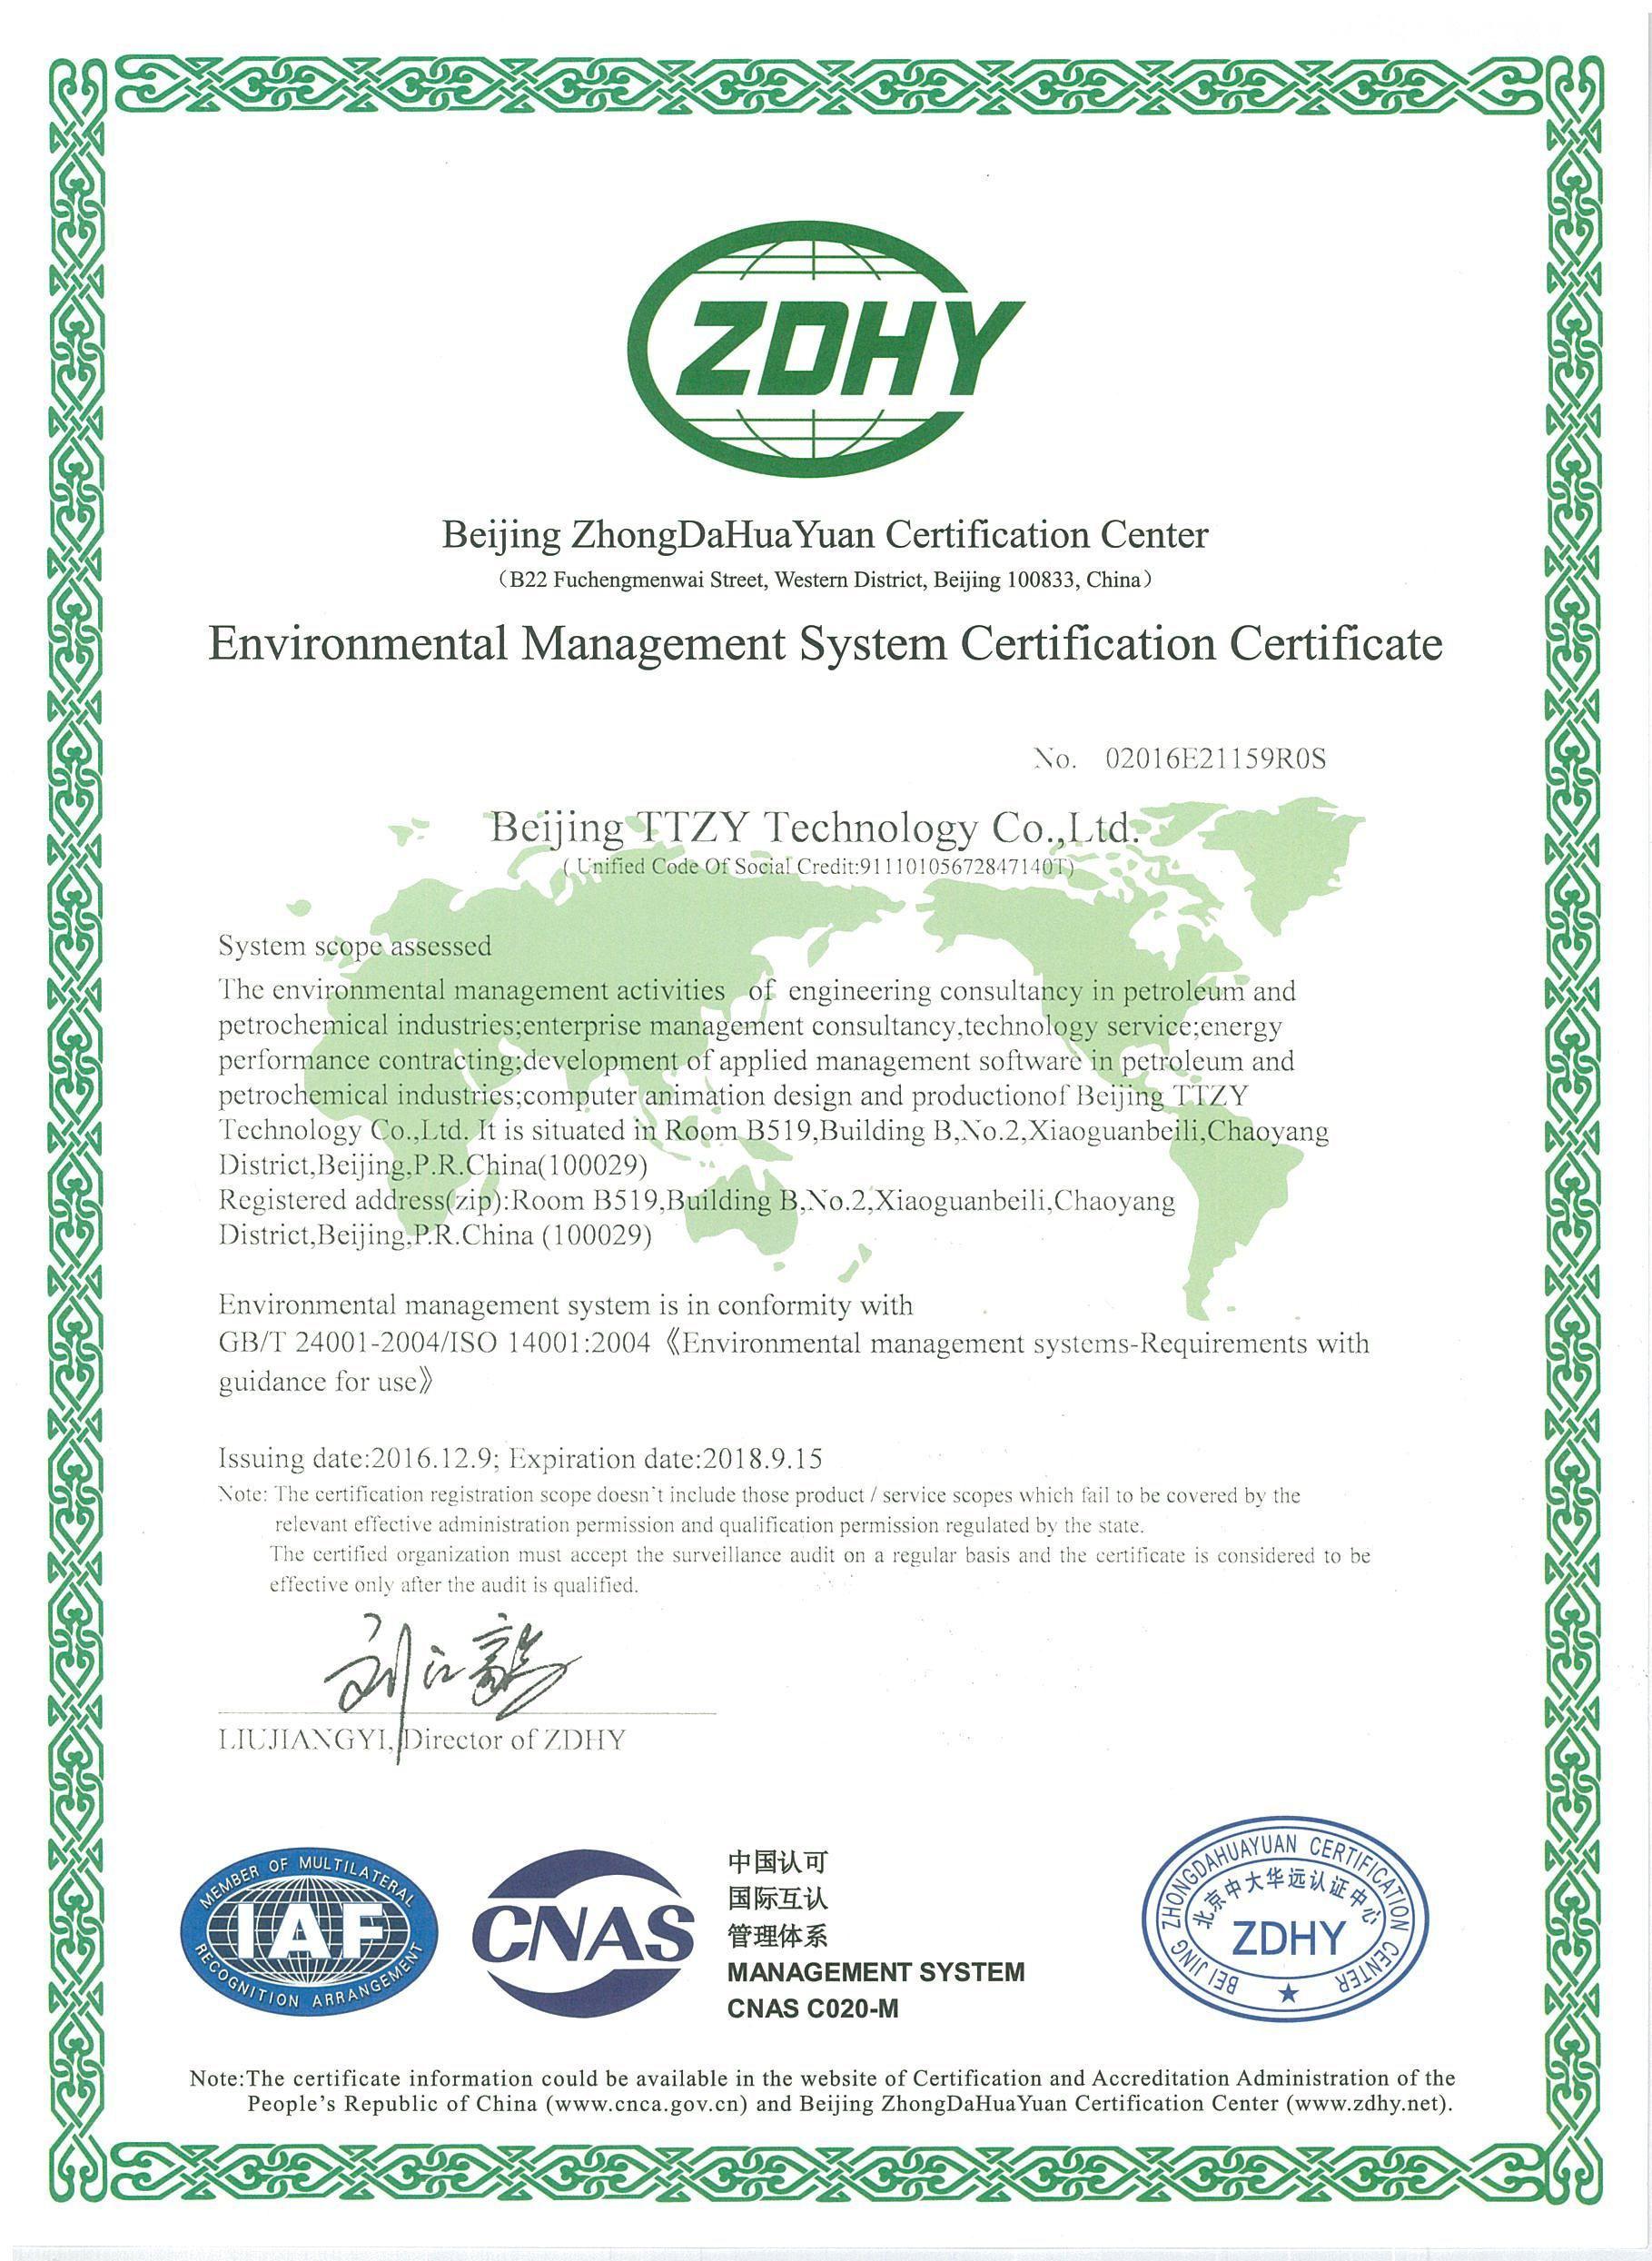 天泰志远:环境管理体系认证证书(英文)